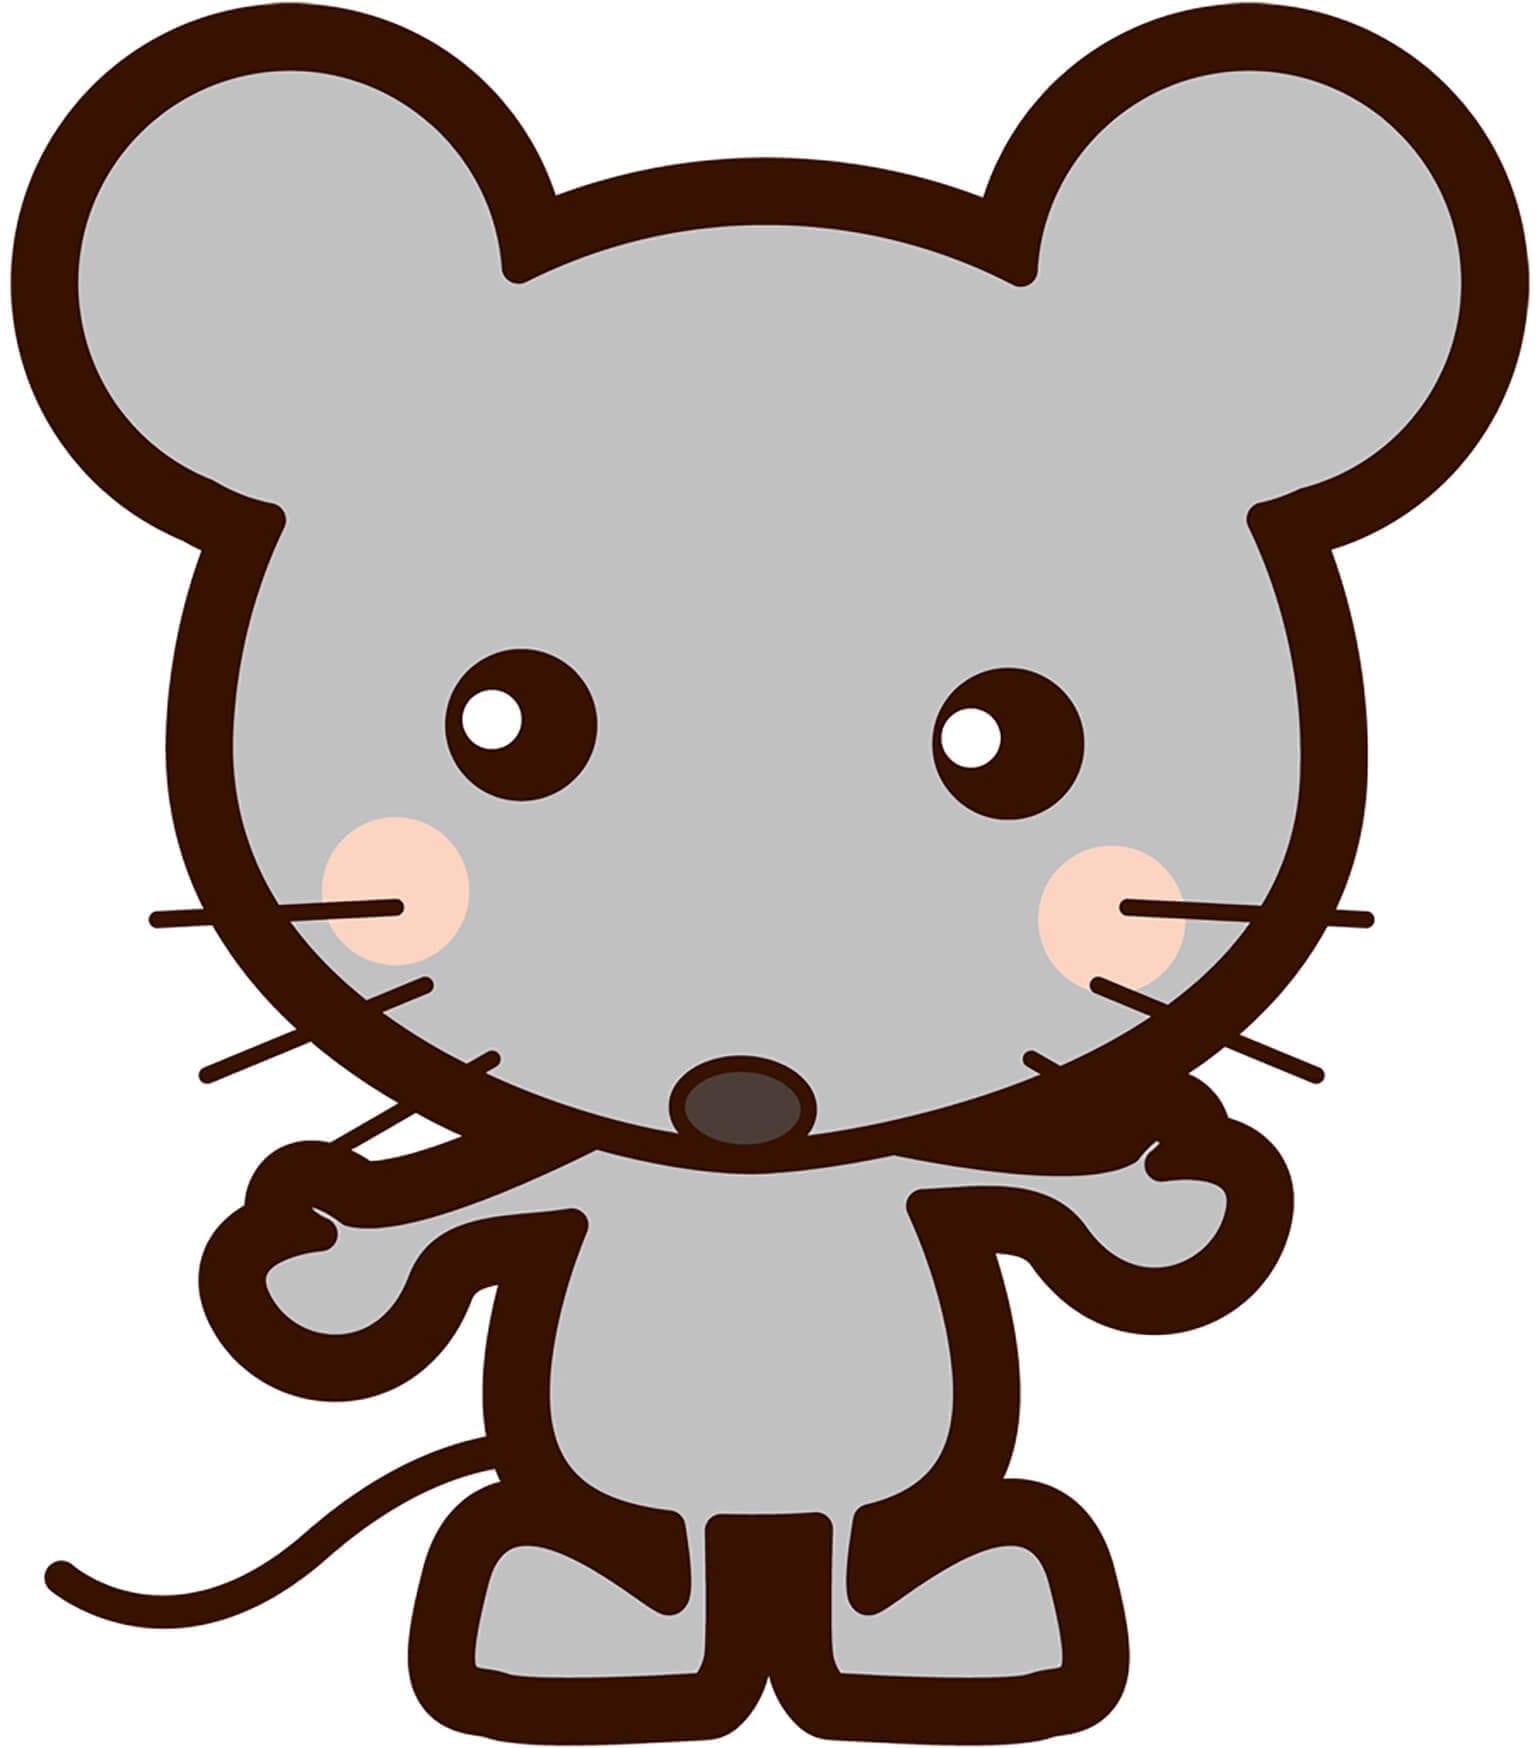 Мышка картинка для детей 7